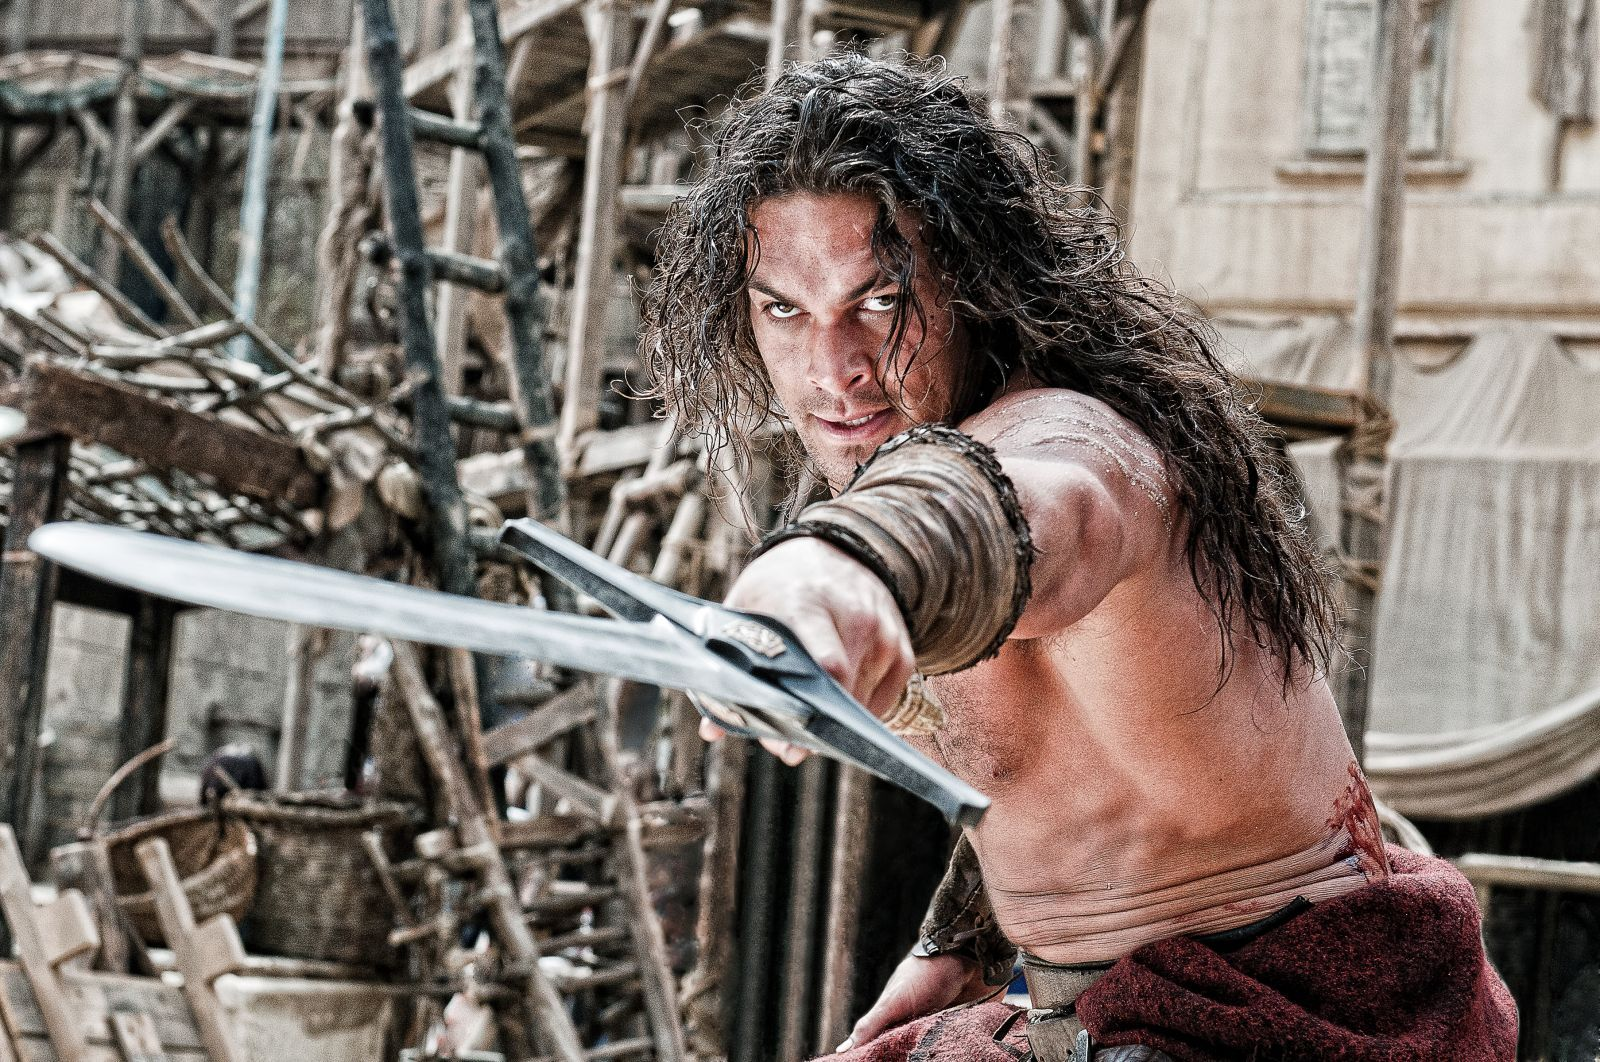 Cartel de Conan el bárbaro - Foto 35 sobre 36 - SensaCine.com